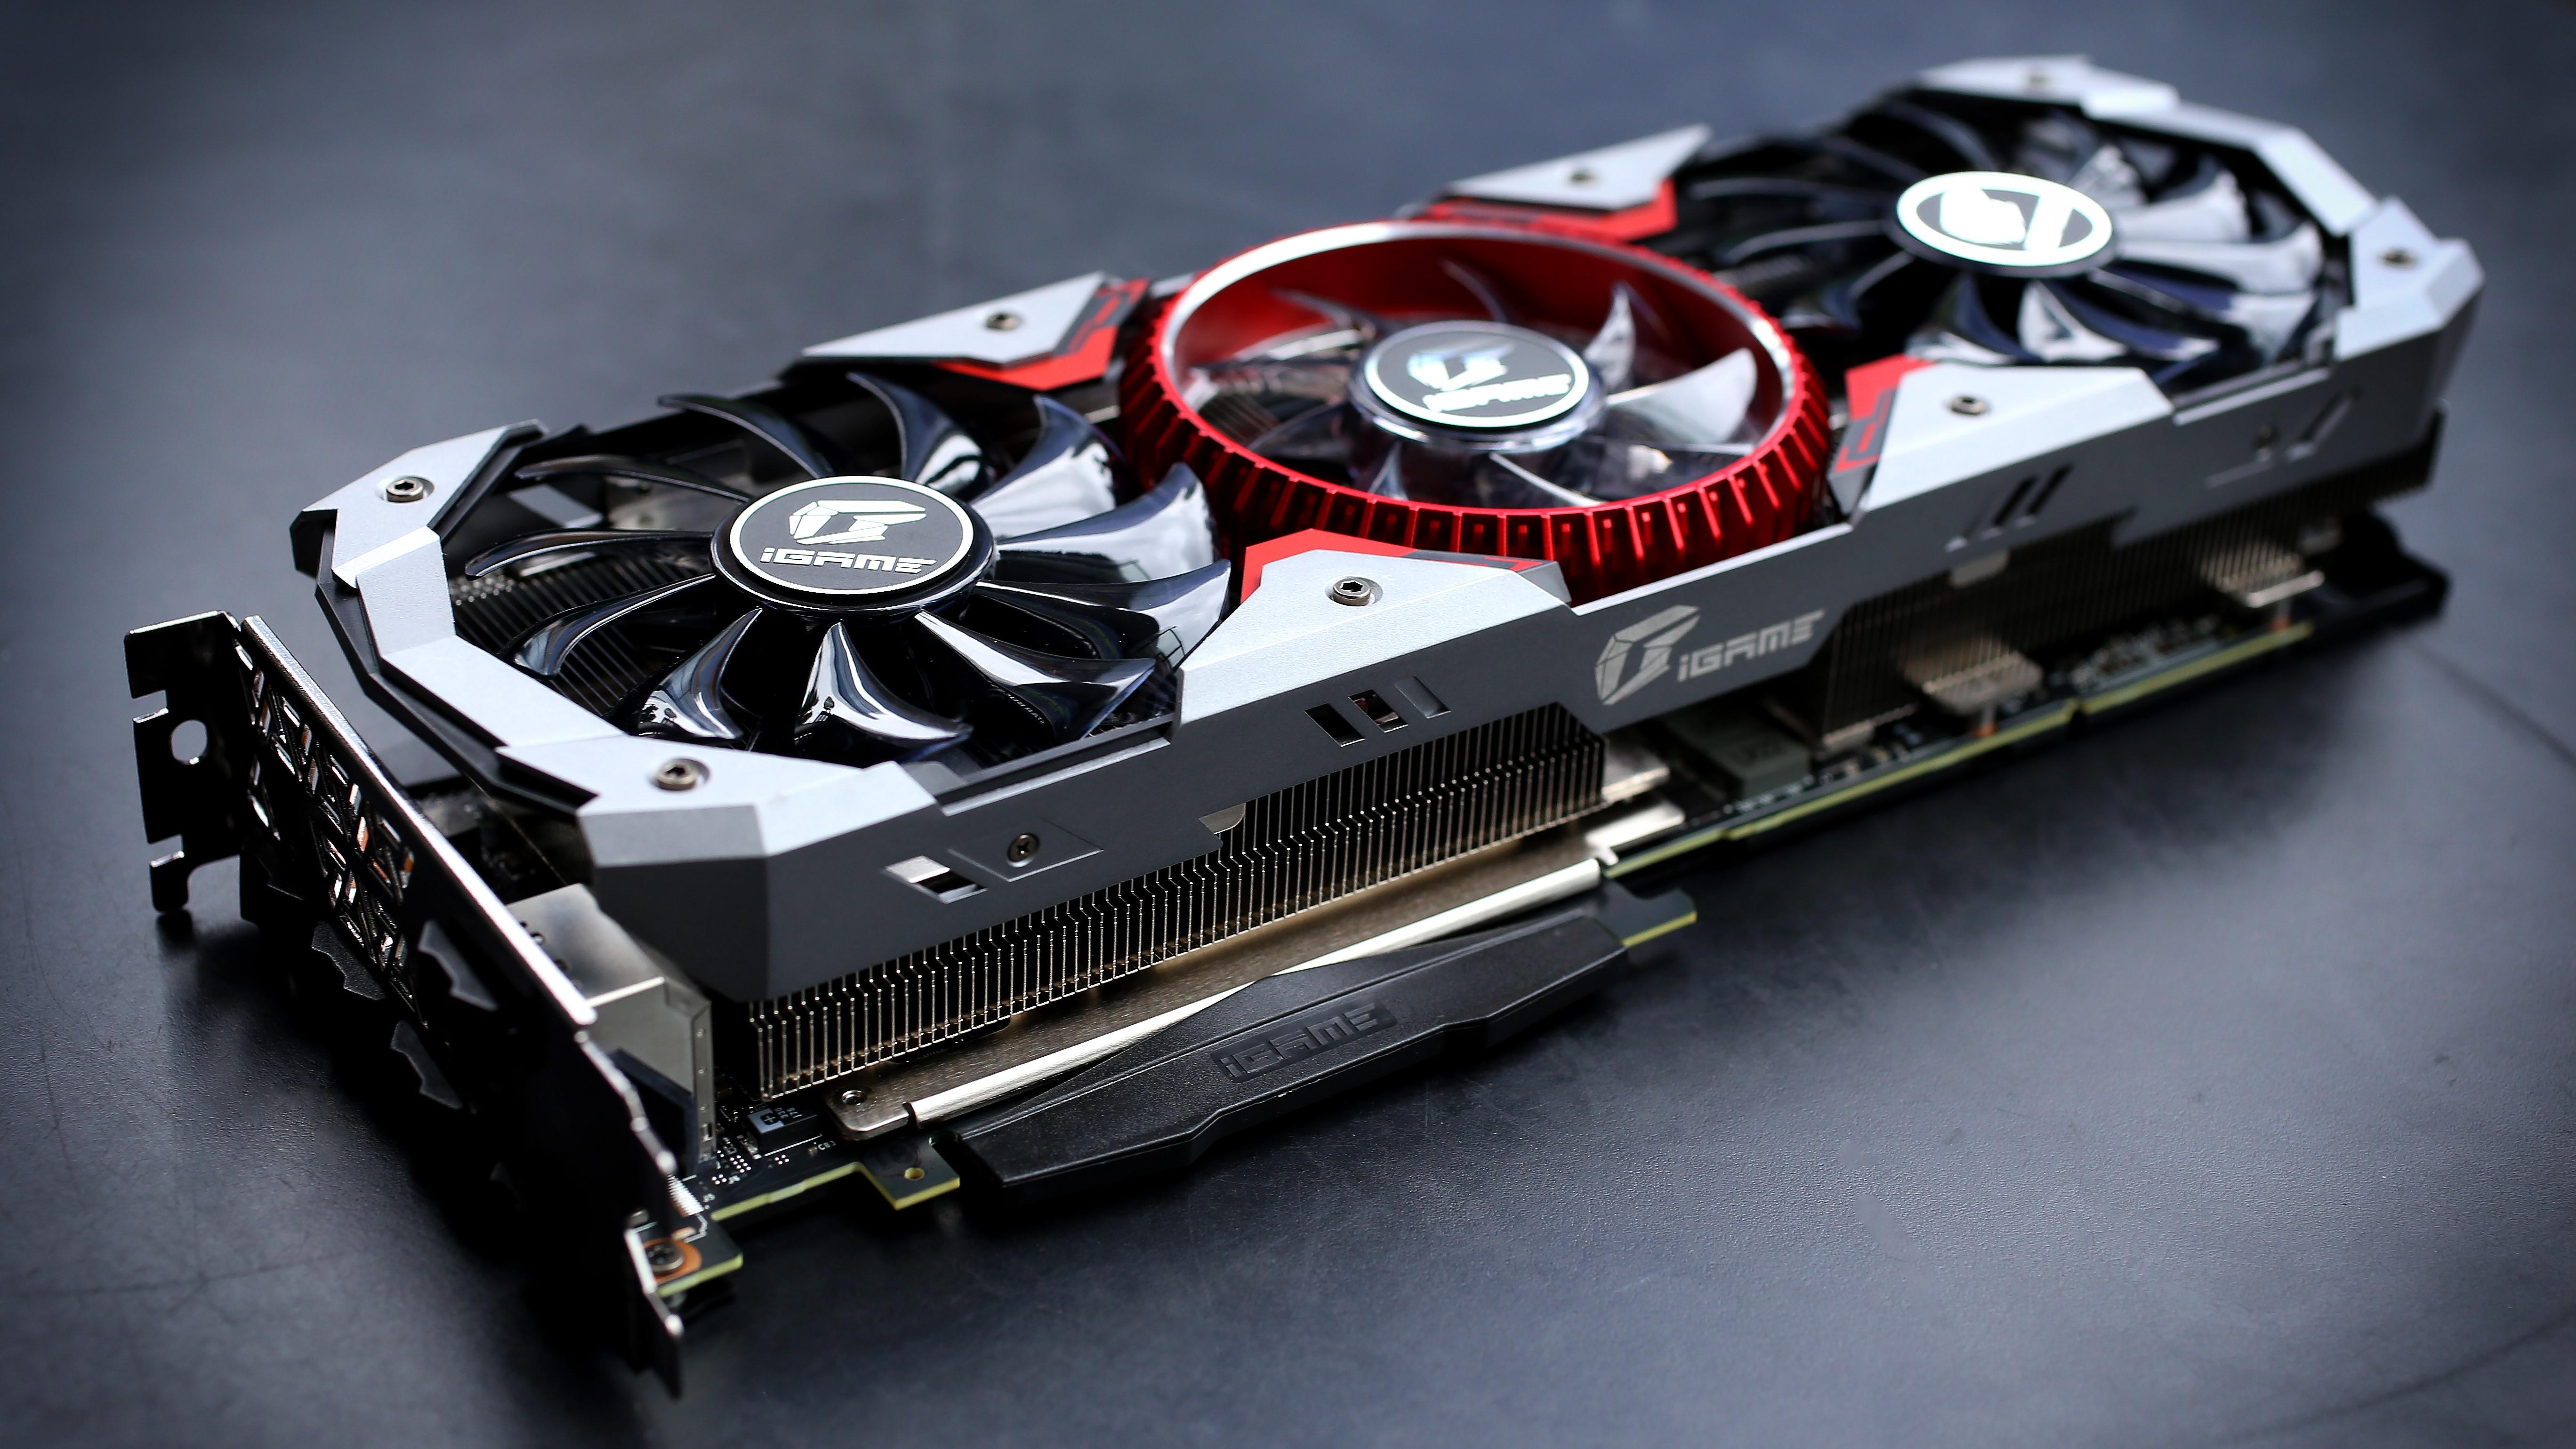 初探科技艺术品 iGame GeForce RTX 2080 Ti开箱